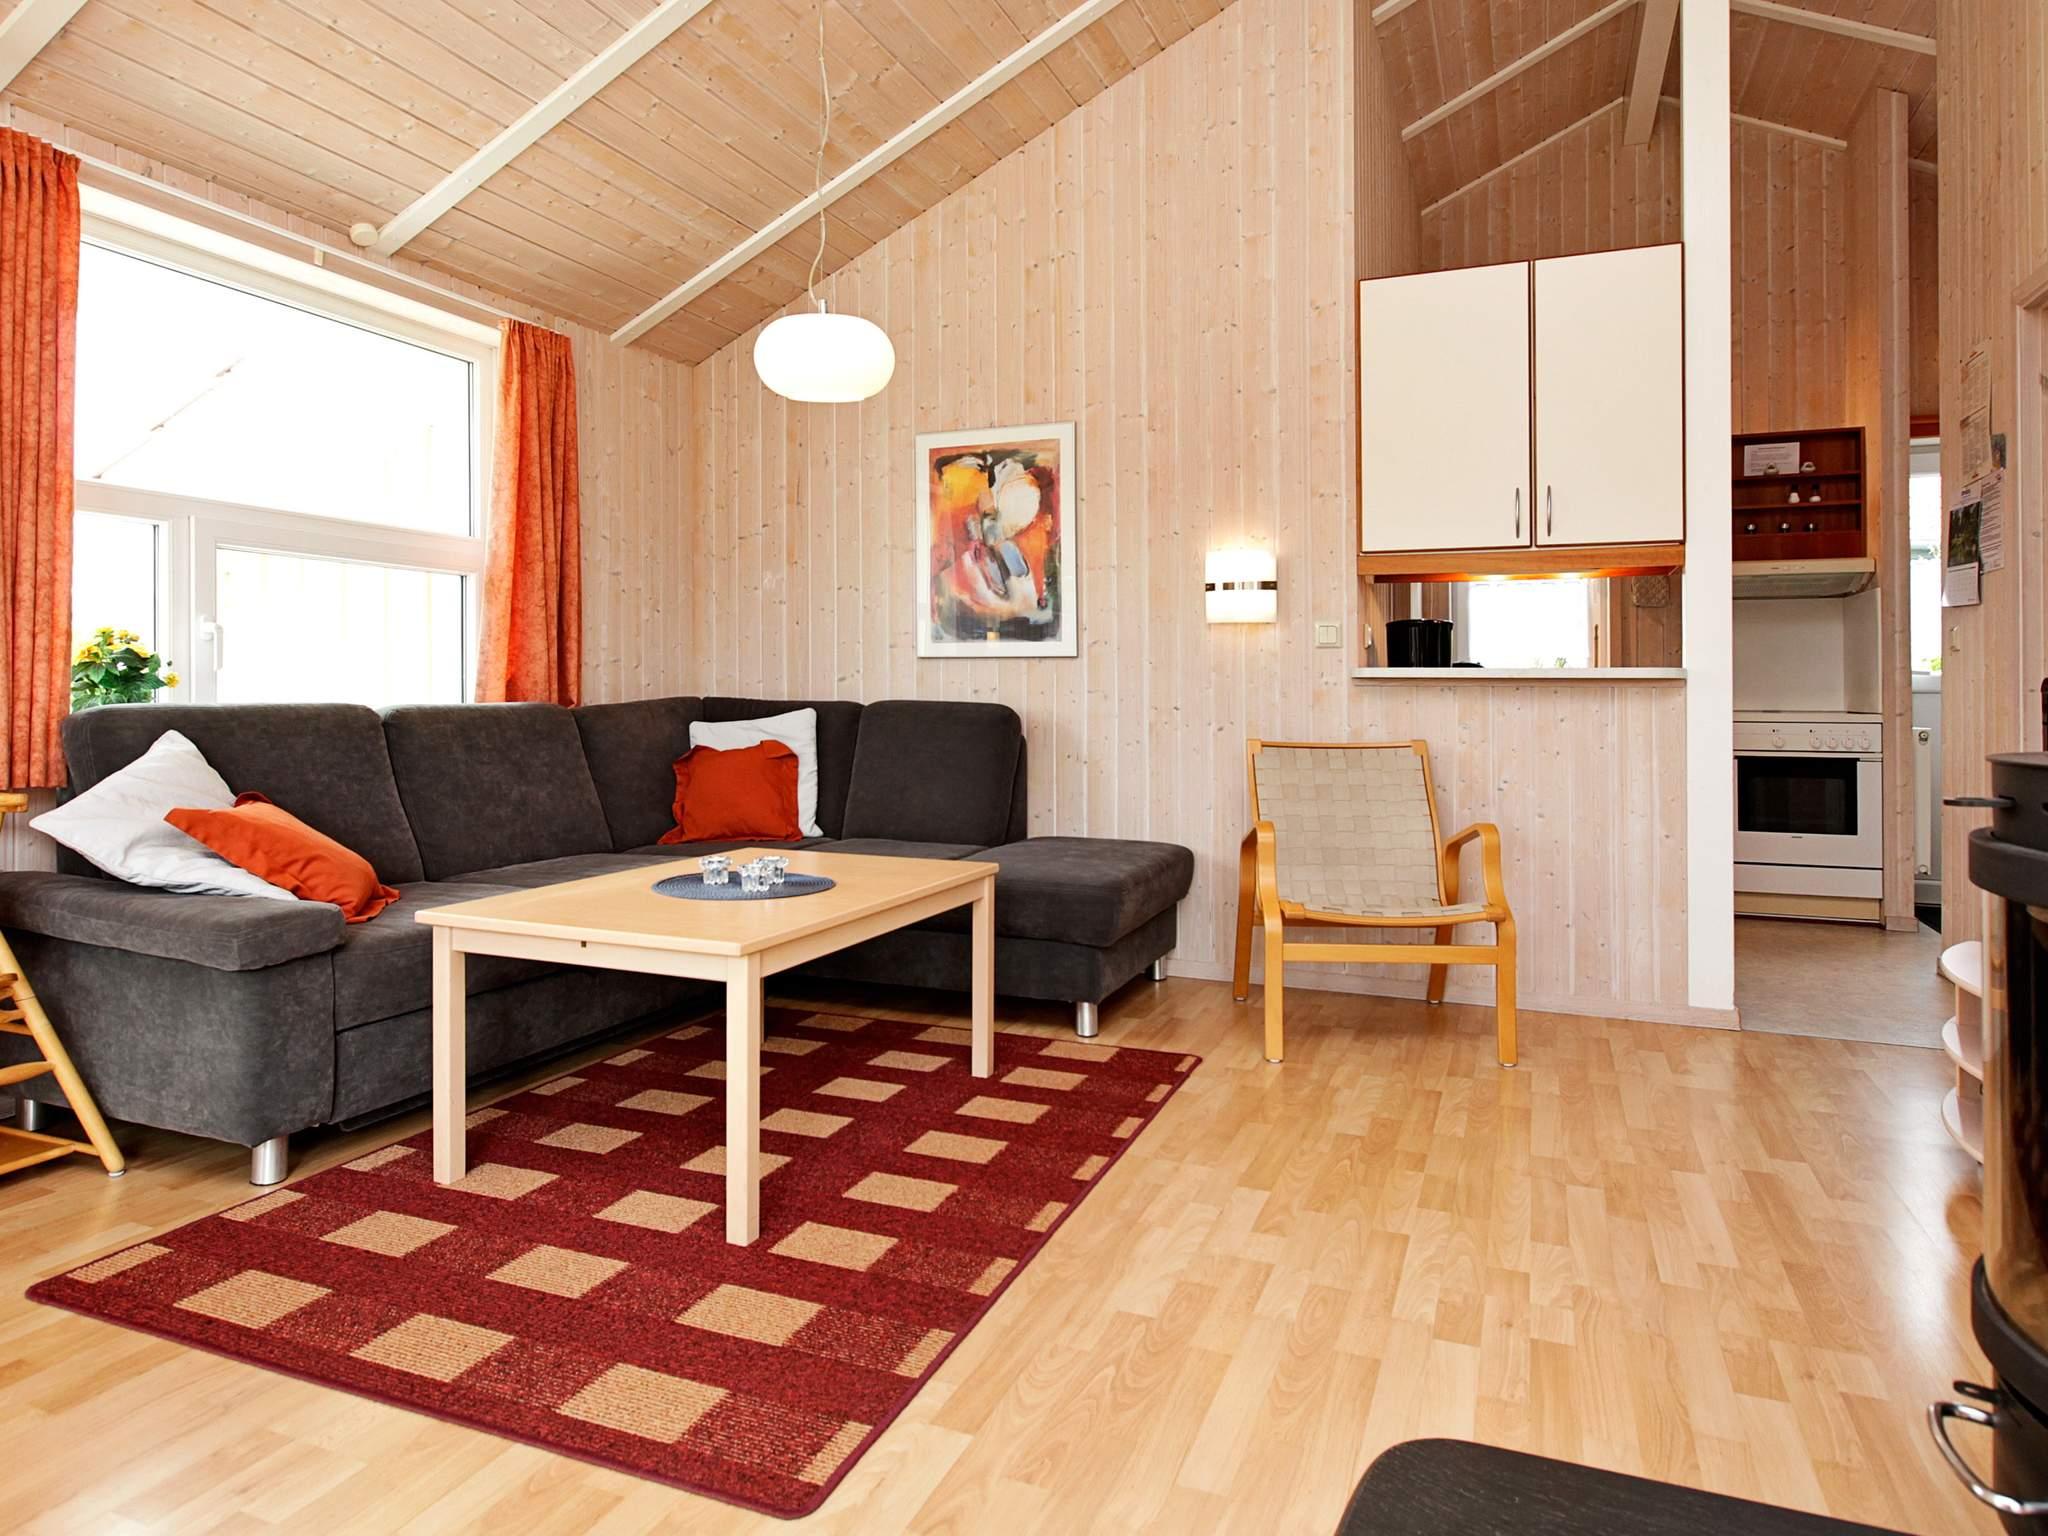 Ferienhaus Otterndorf (86200), Otterndorf, Cuxhaven, Niedersachsen, Deutschland, Bild 4